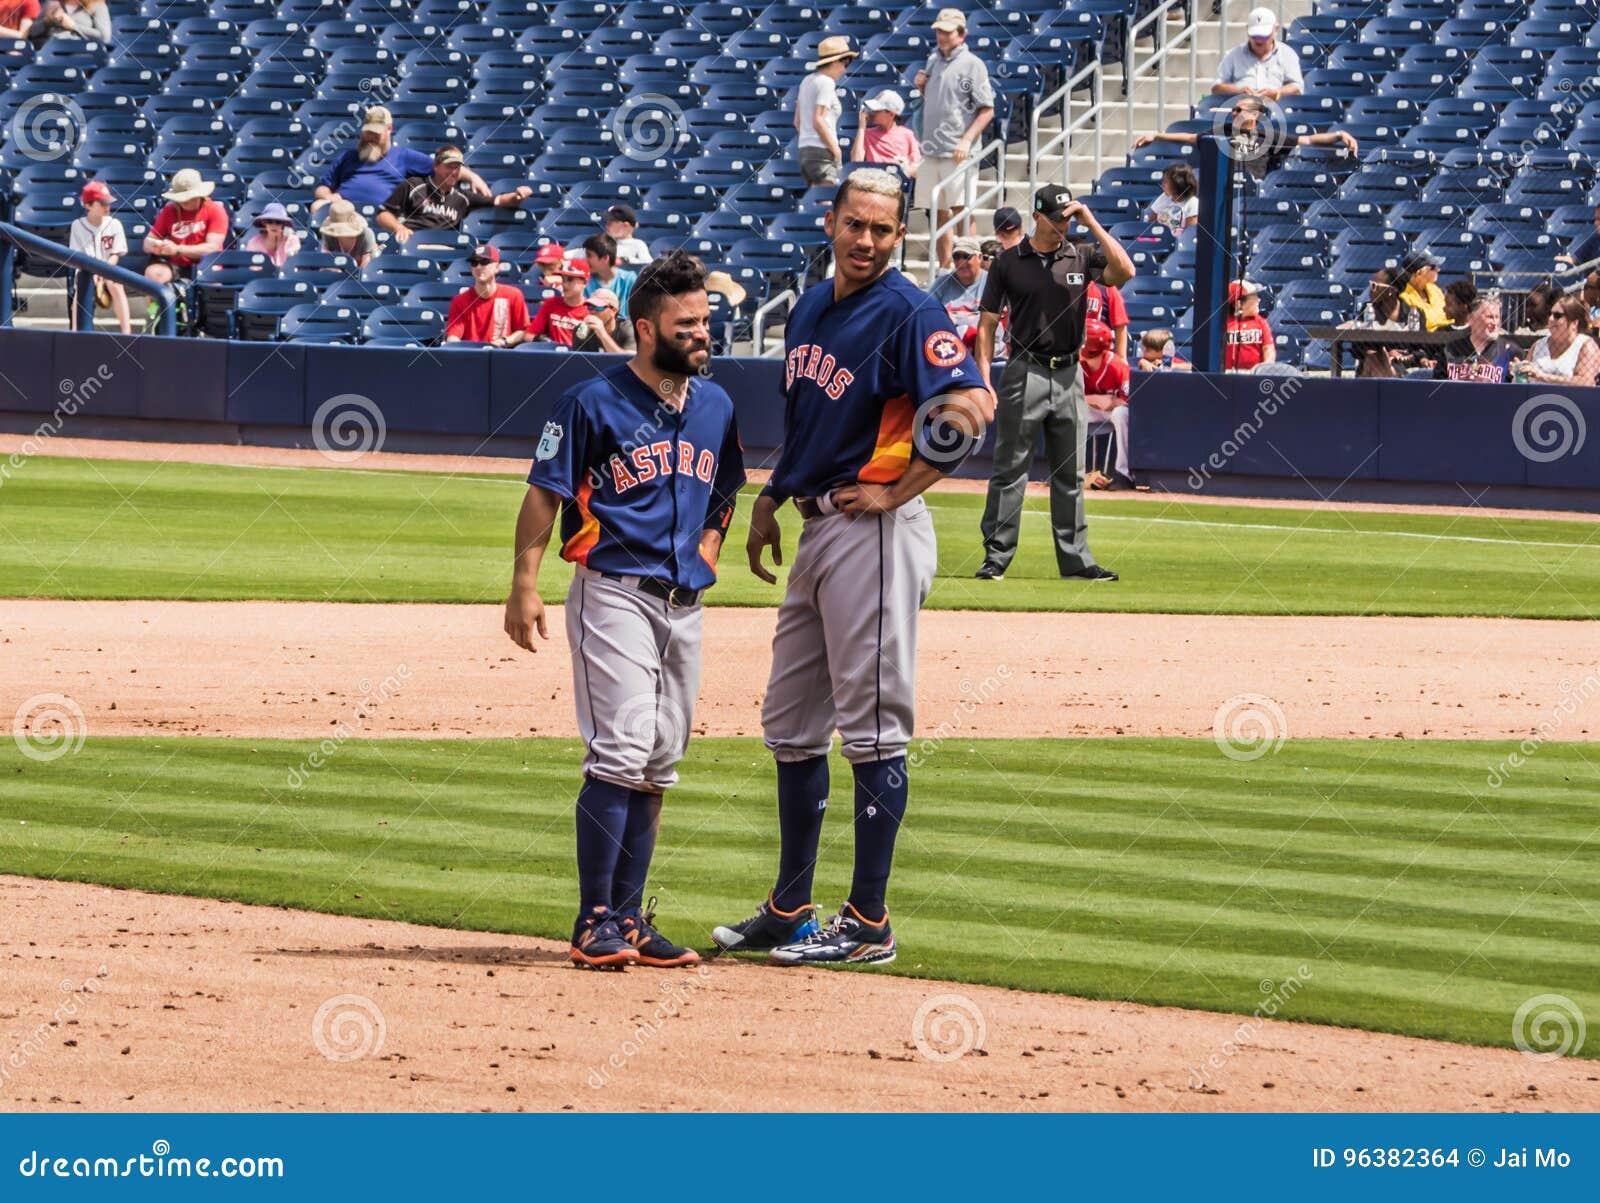 Jose Altuve Carlos Correa Houston Astros 2017